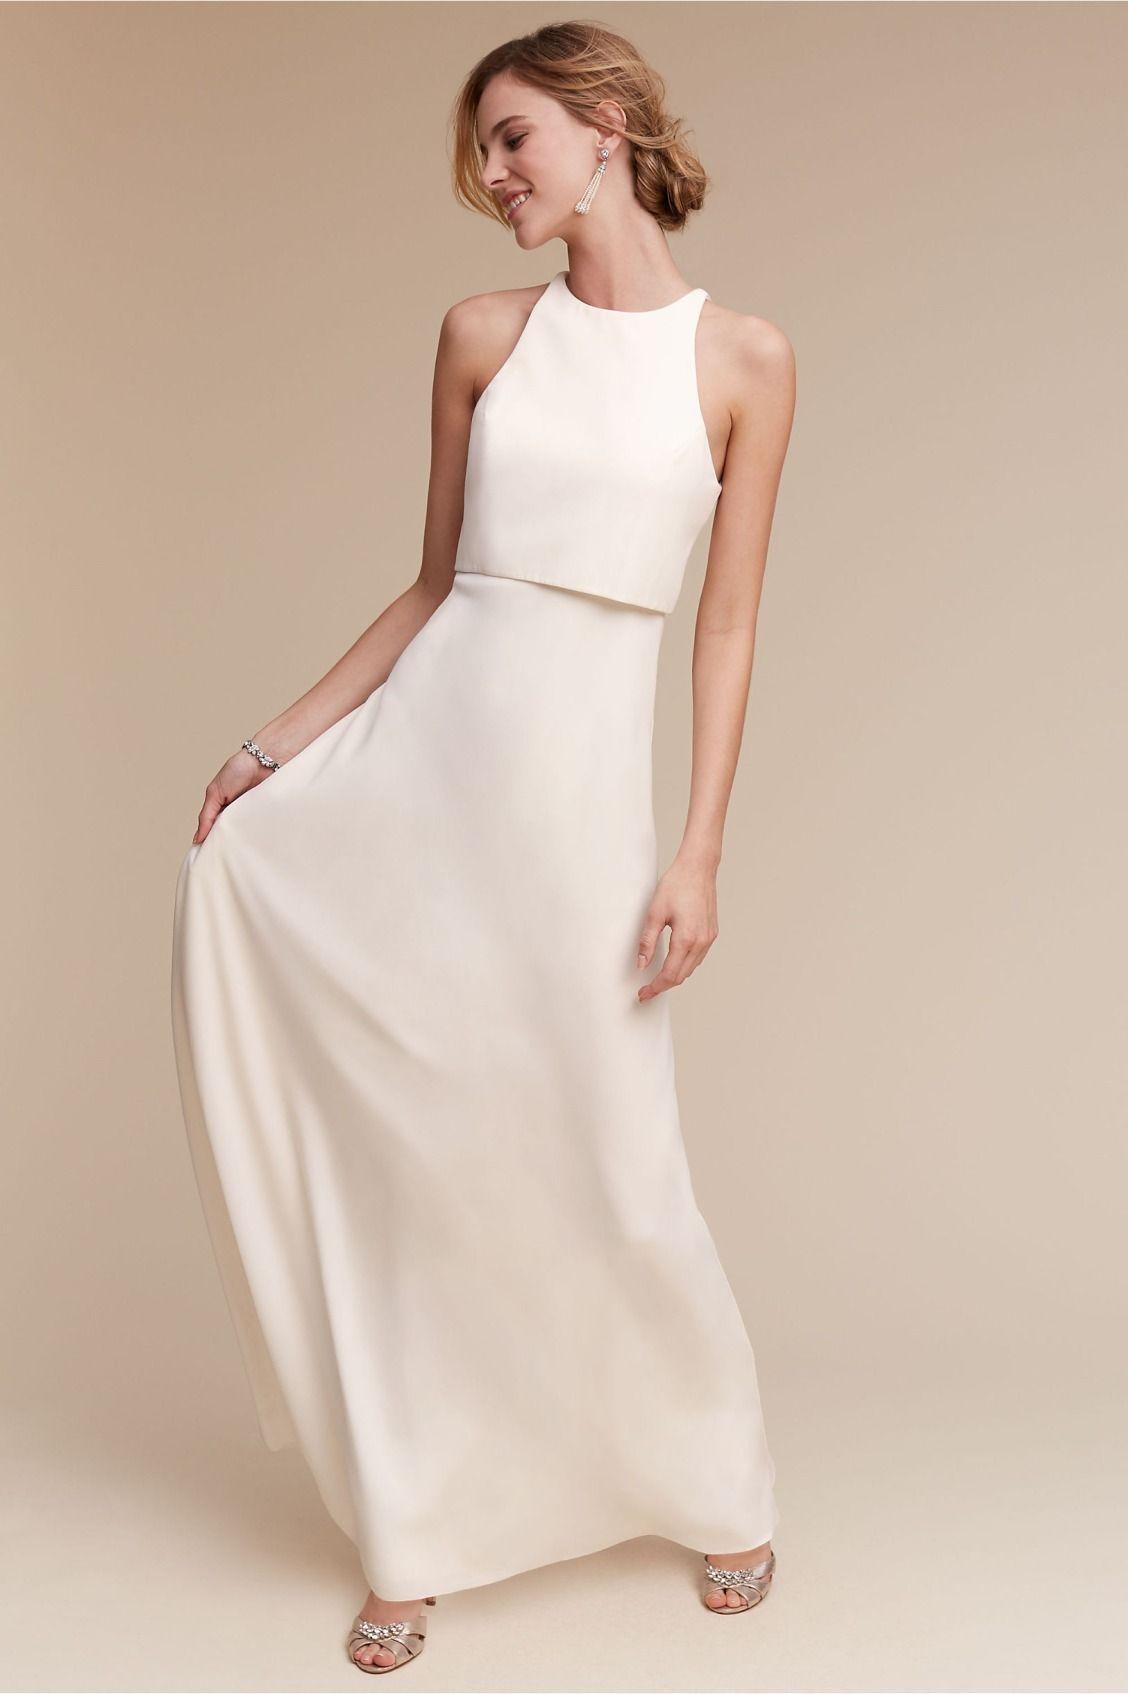 minimal crepe bridesmaid dress   Iva Crepe Maxi Dress from BHLDN